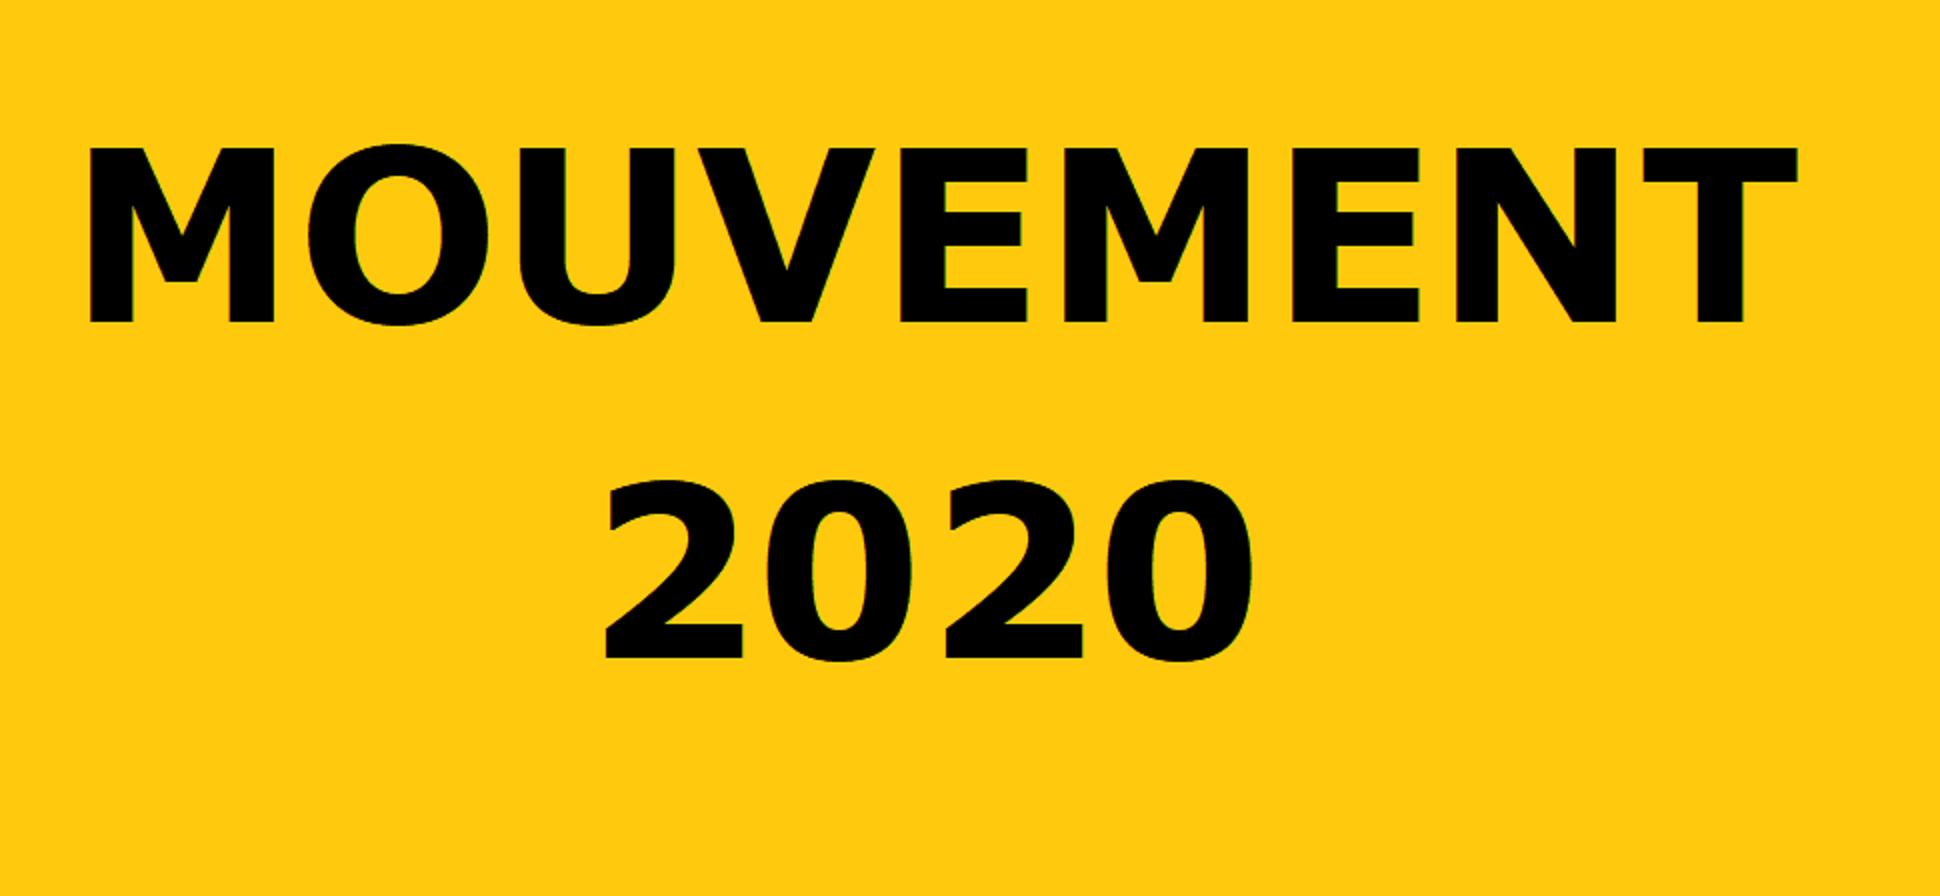 Mouvement 2020